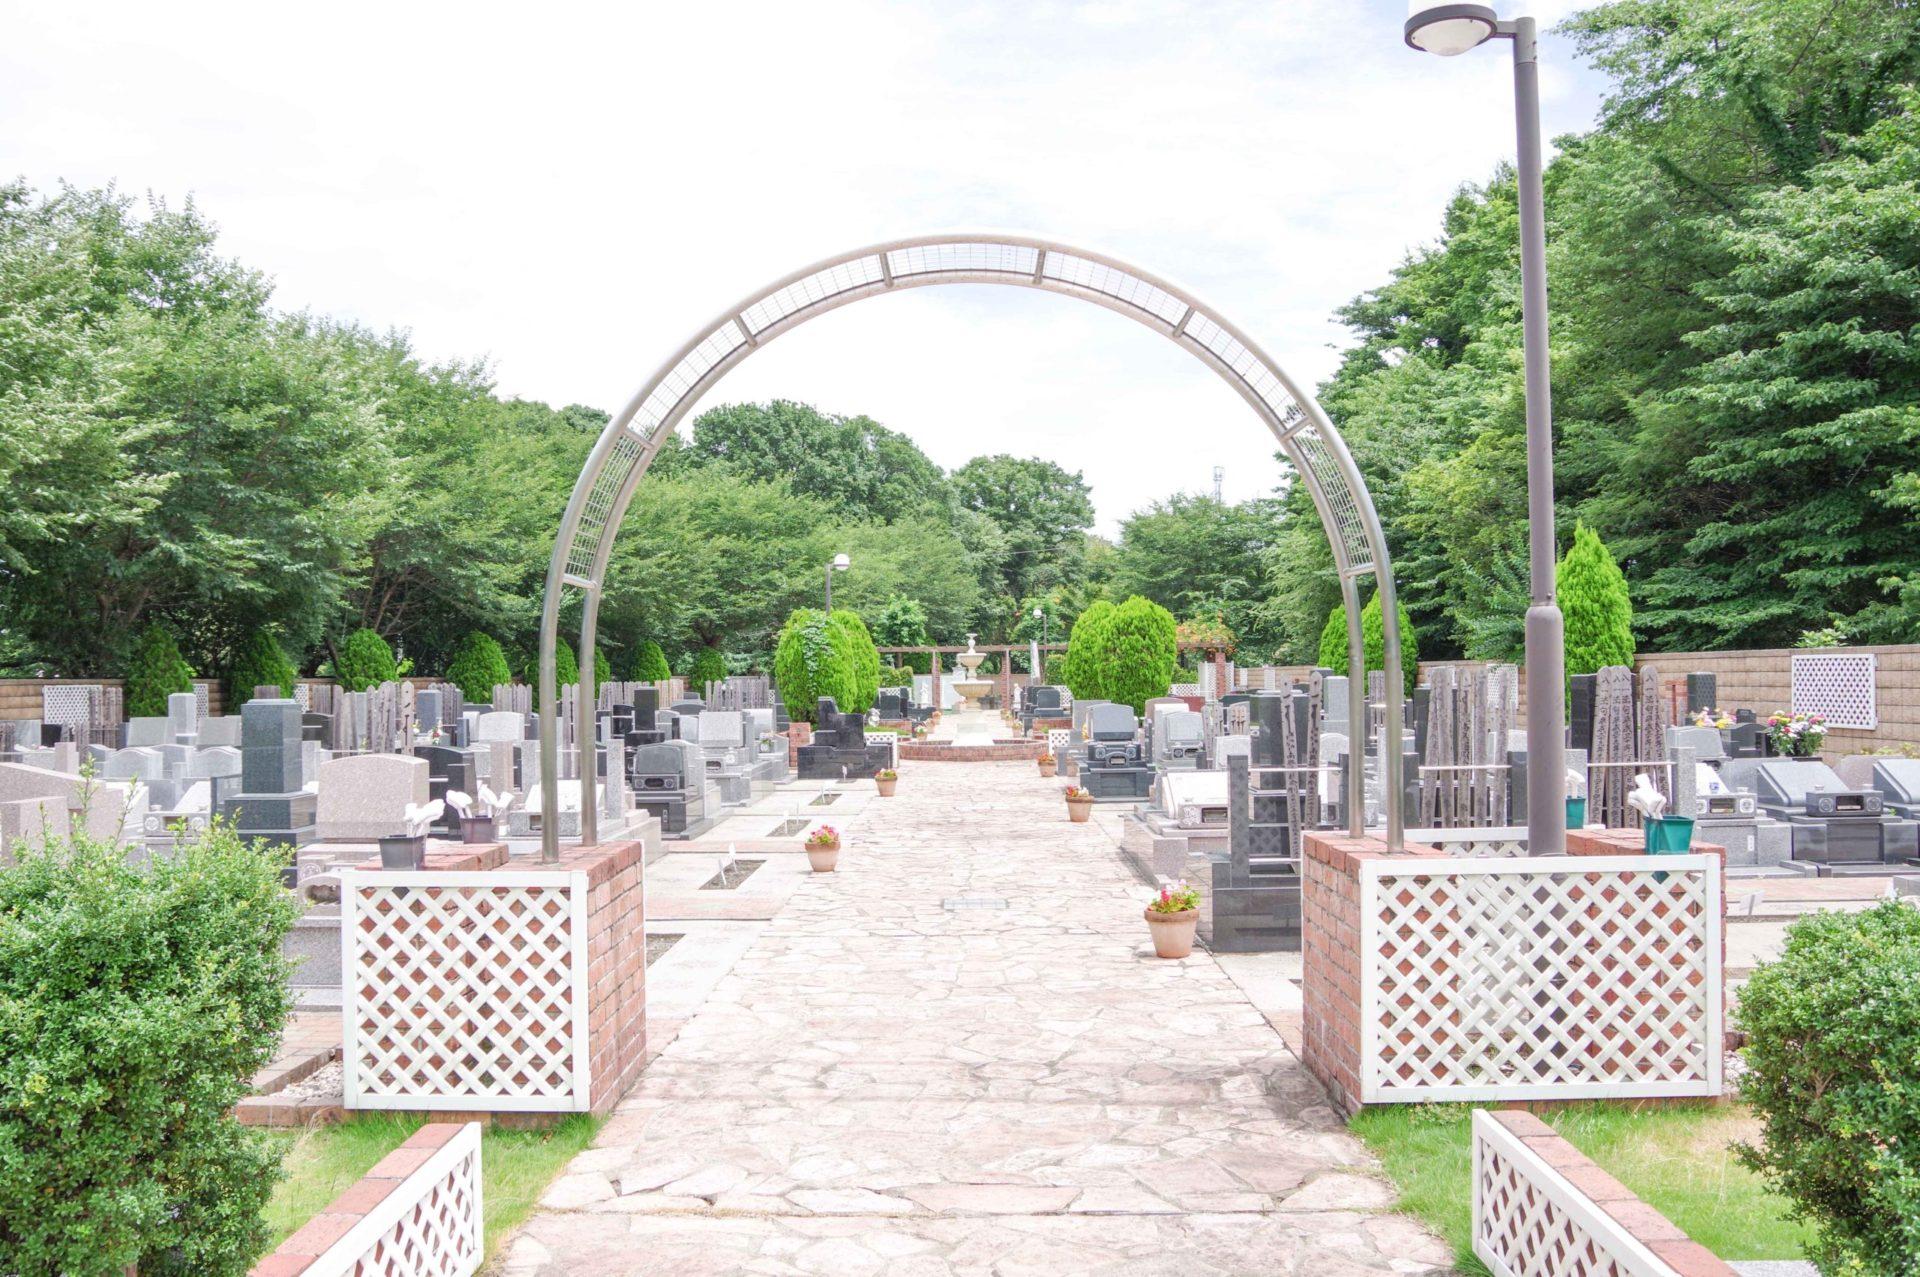 野田さくら霊園<br>(千葉県野田市)